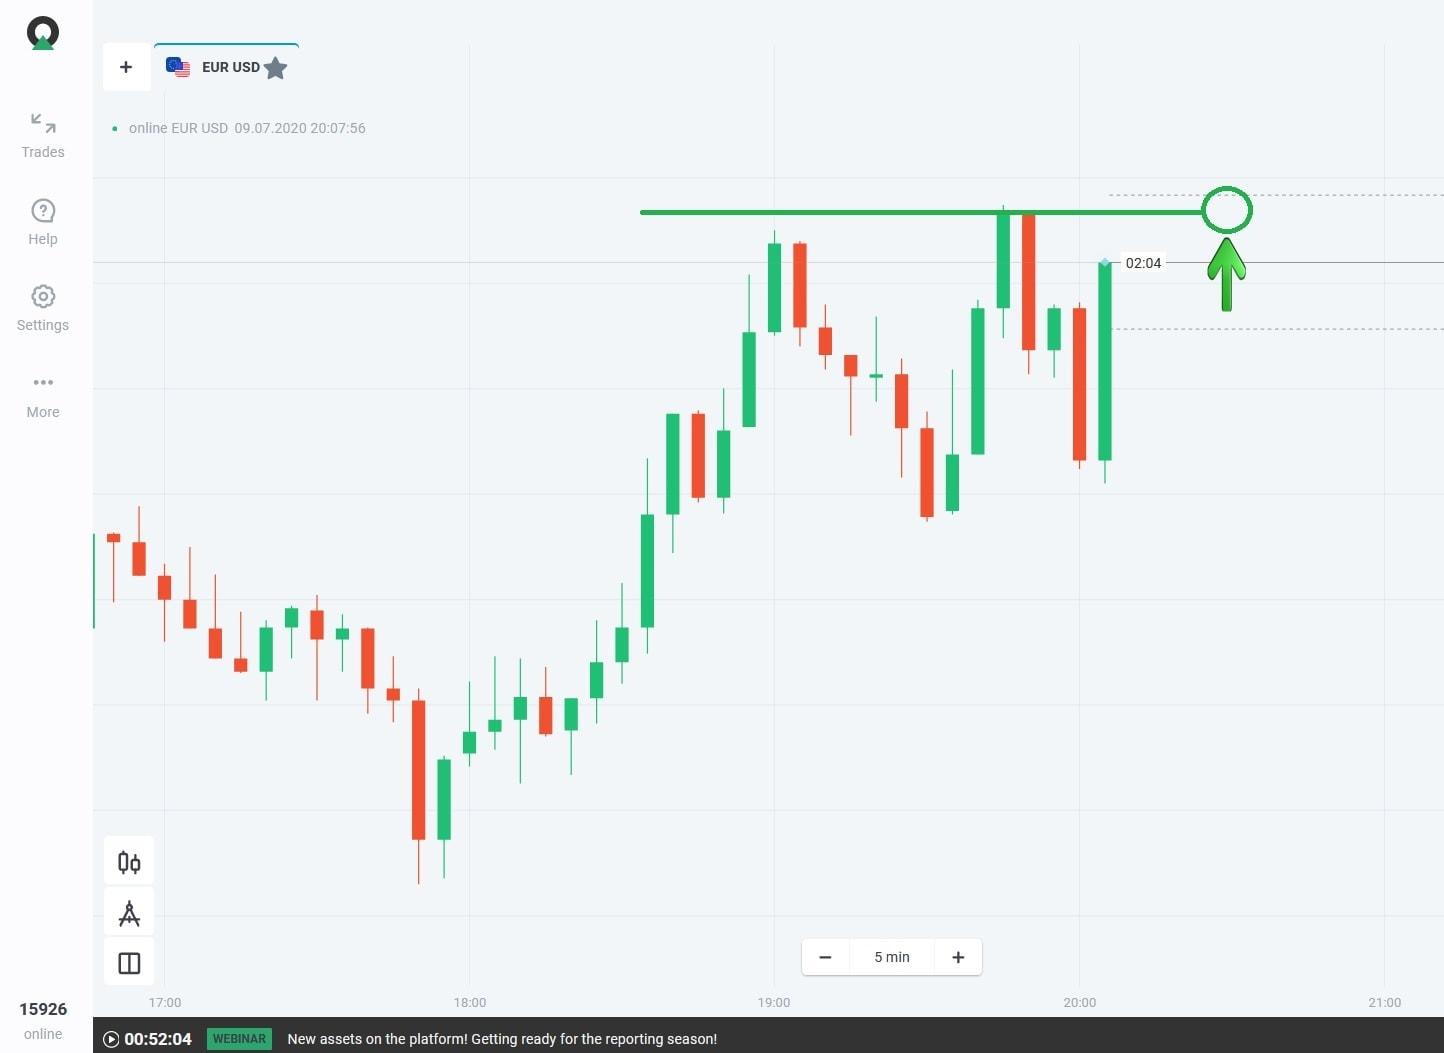 Negocie Forex quando o preço entrar na tendência de alta